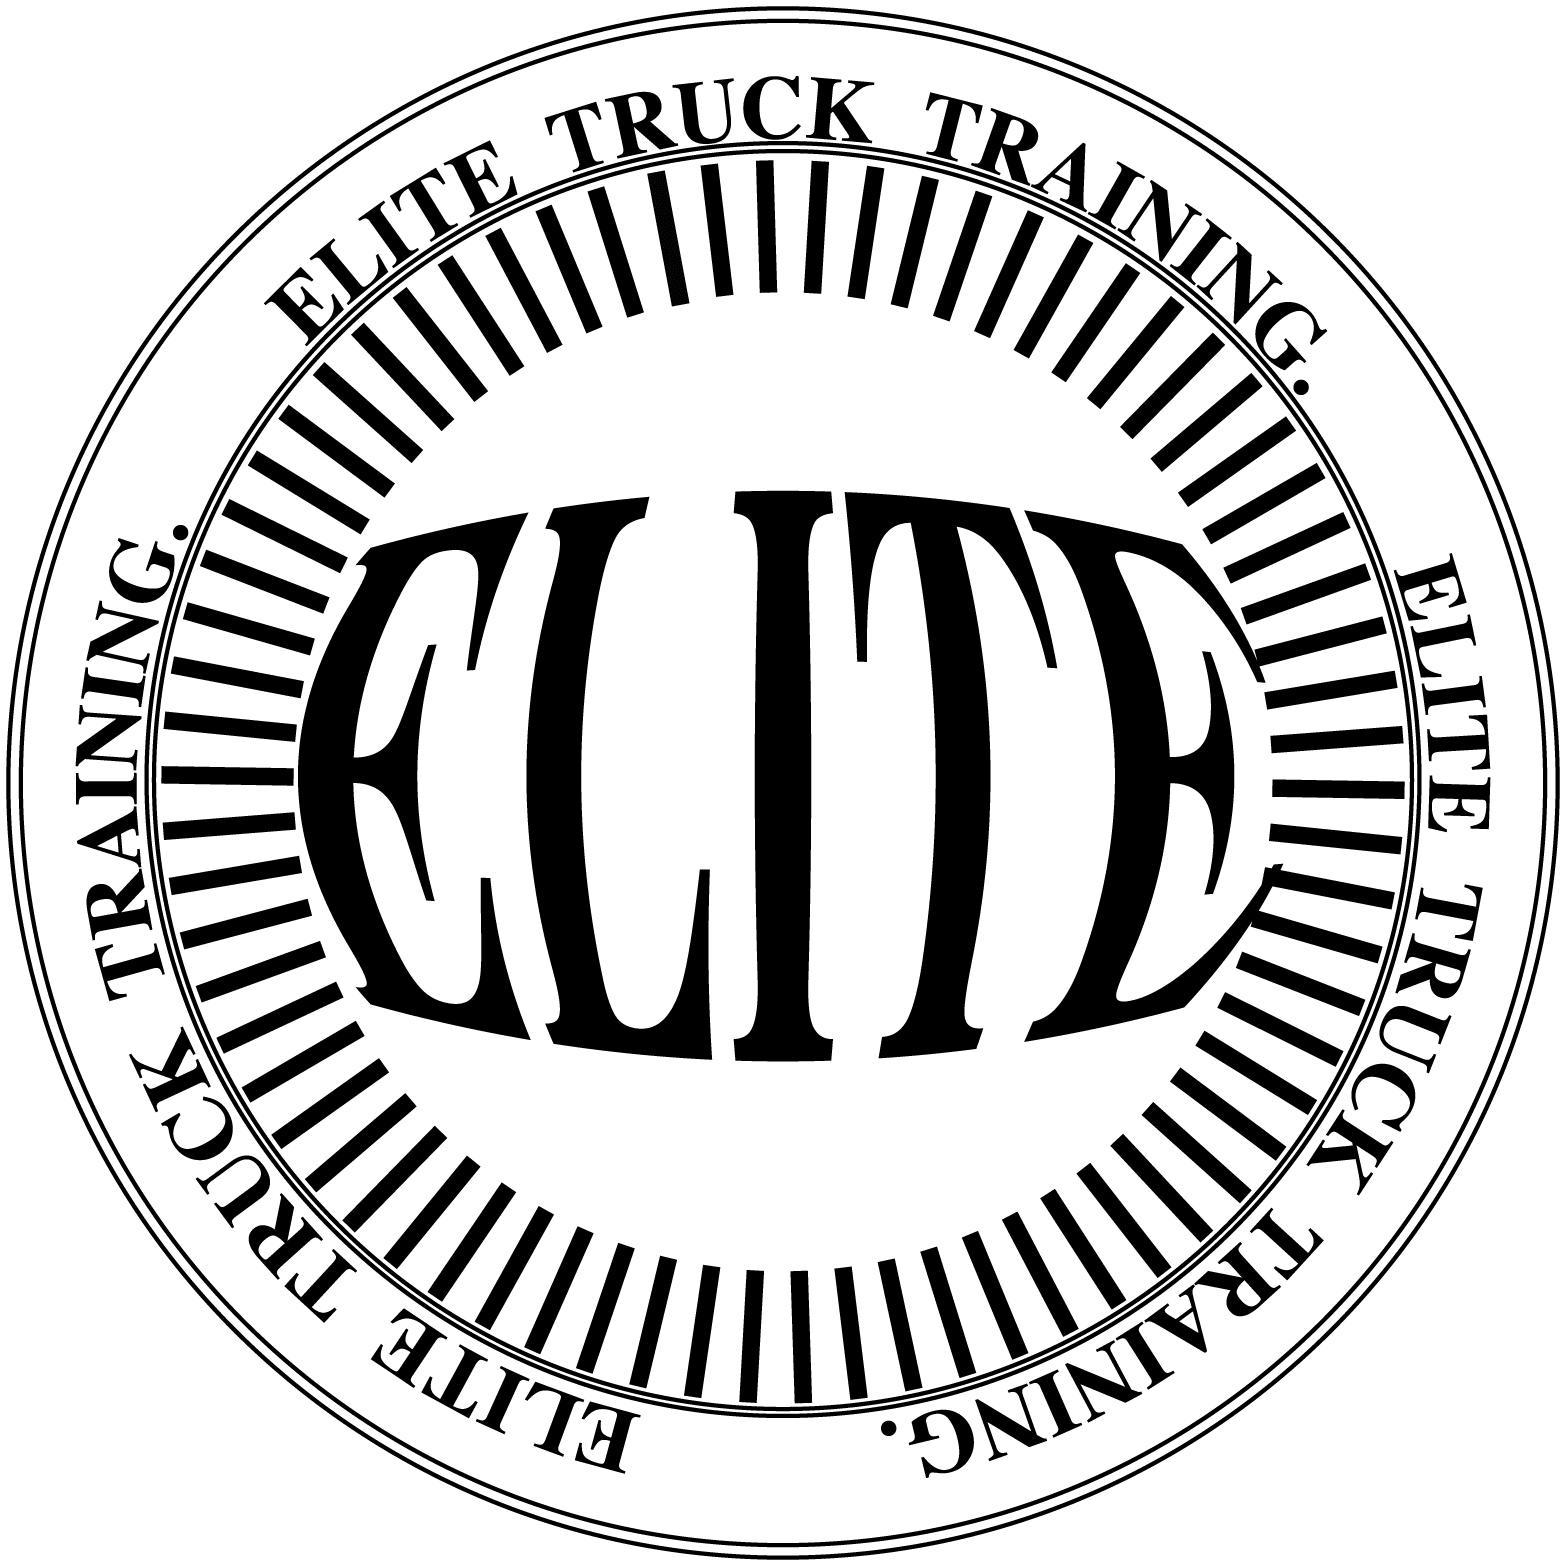 Elite Truck Training Ltd - London, London E4 9JG - 08000 232275 | ShowMeLocal.com